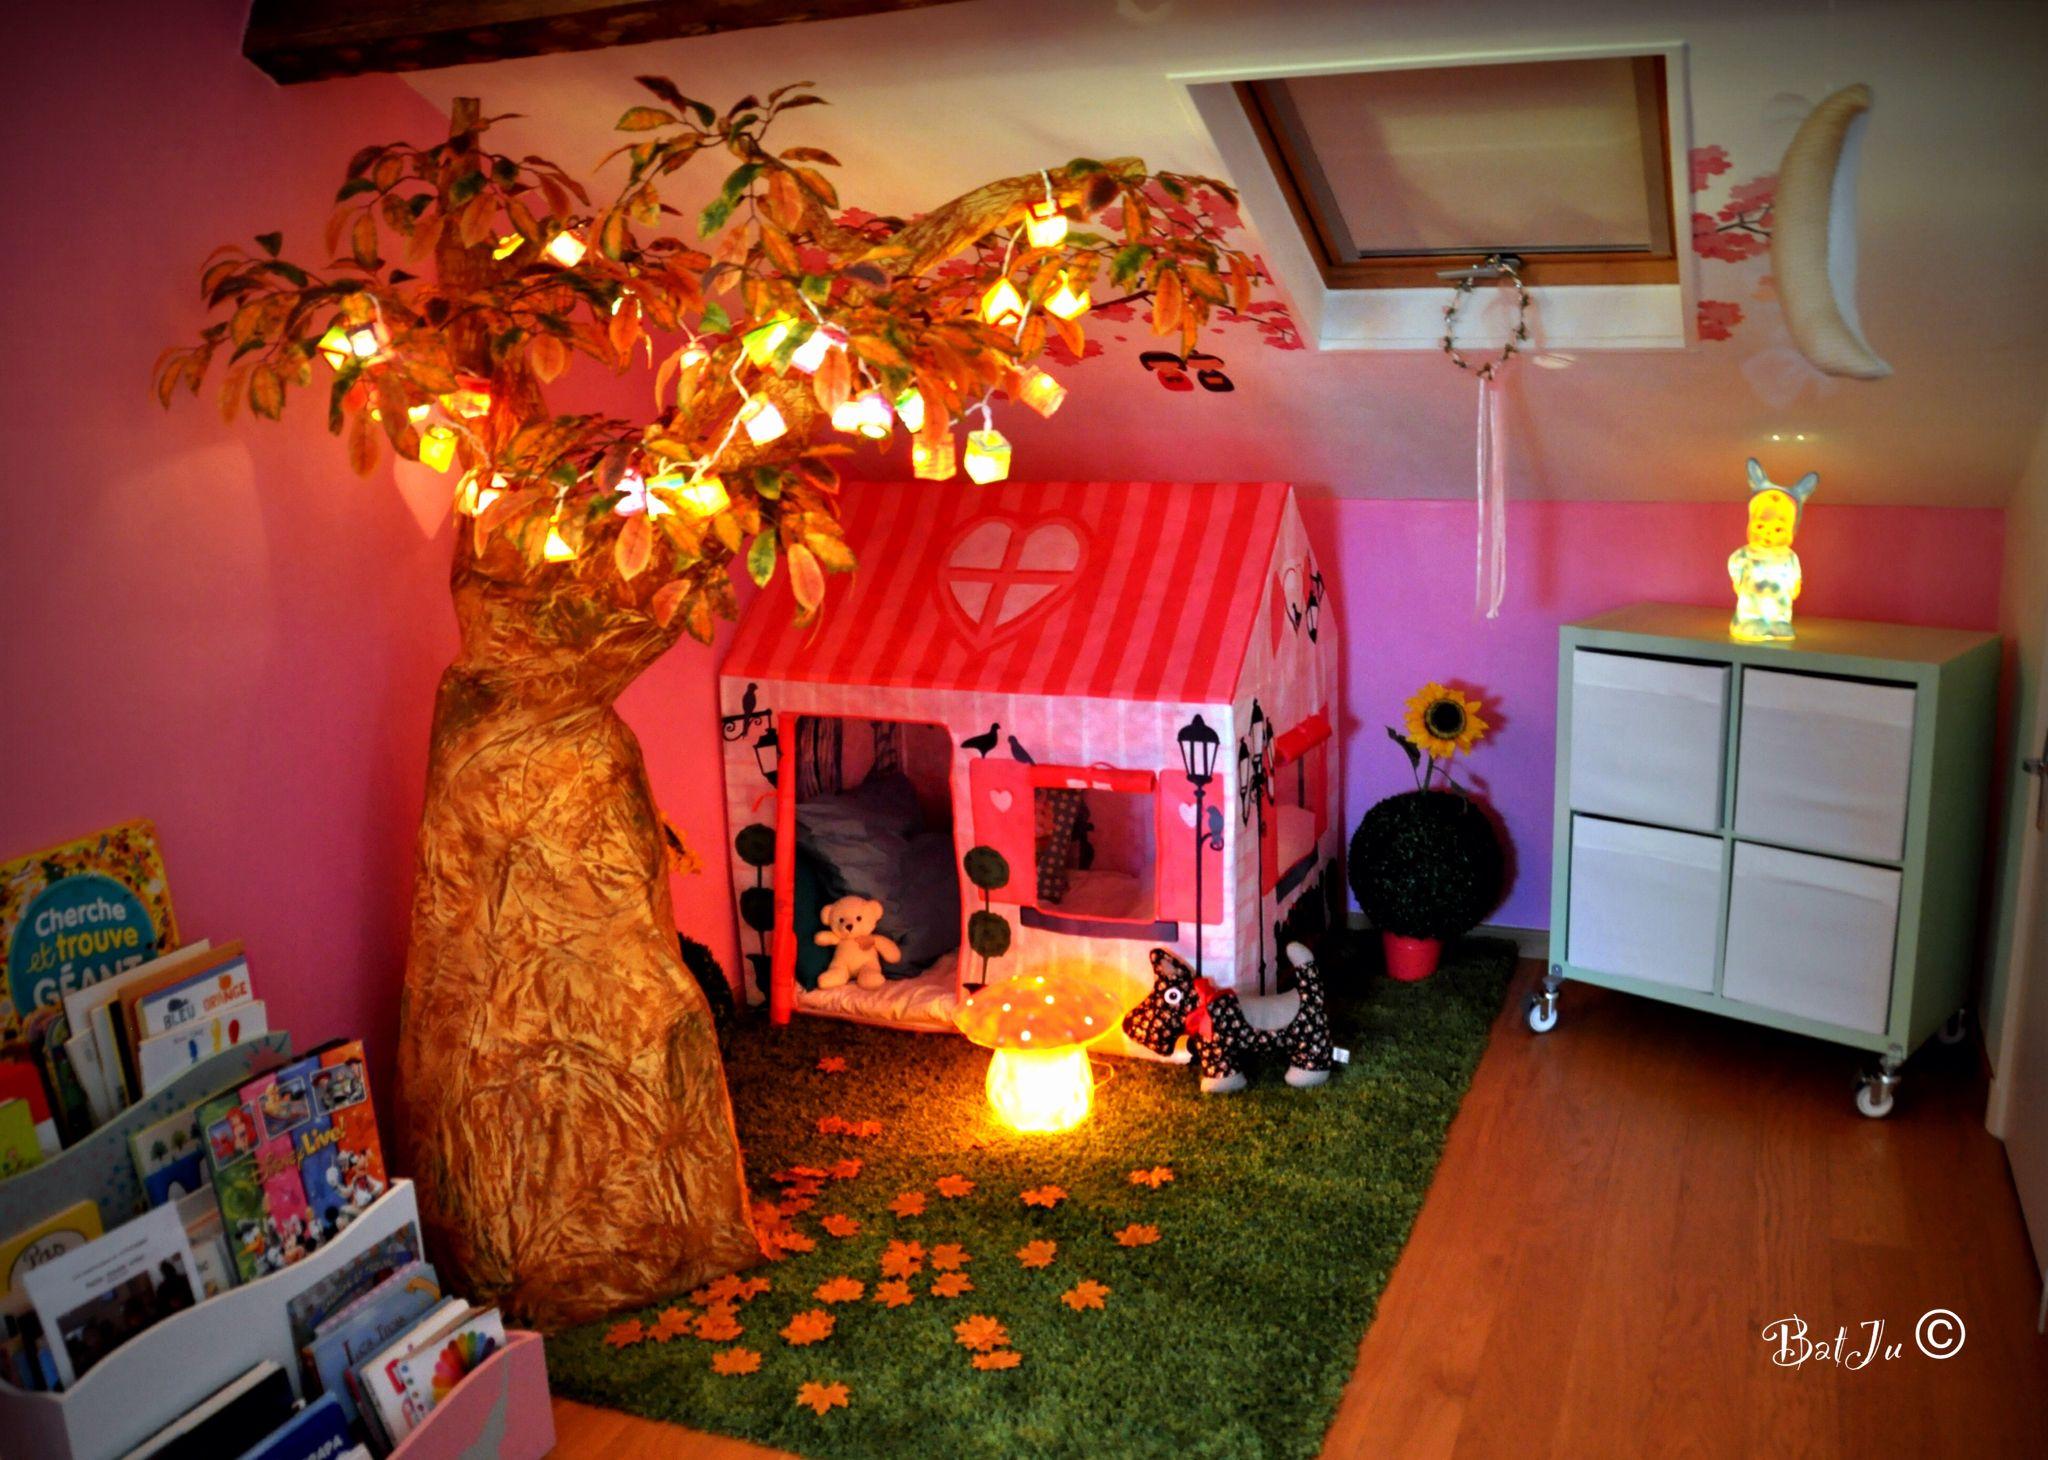 L arbre d automne Chambre d enfant